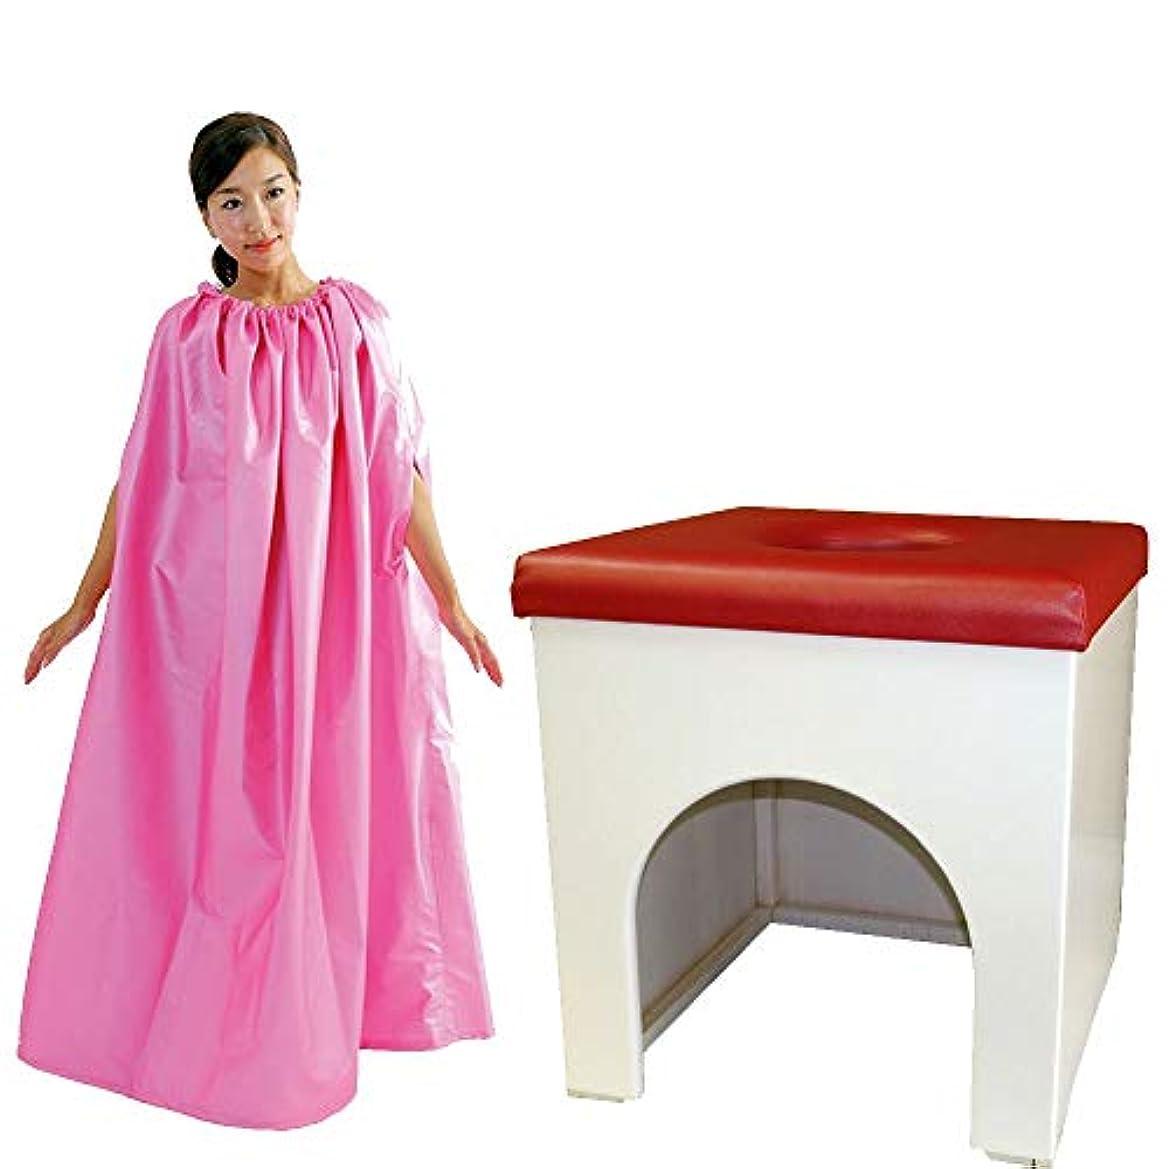 友情保持粘着性【WR】まる温よもぎ蒸し【白椅子(ワインレッドシート)セット】専用マント?薬草60回分?電気鍋【期待通りの満足感をお届けします!】/爽やかなホワイトカラーで、人体に無害な塗装仕上げで通常の椅子より長持ちします! (ピンク)